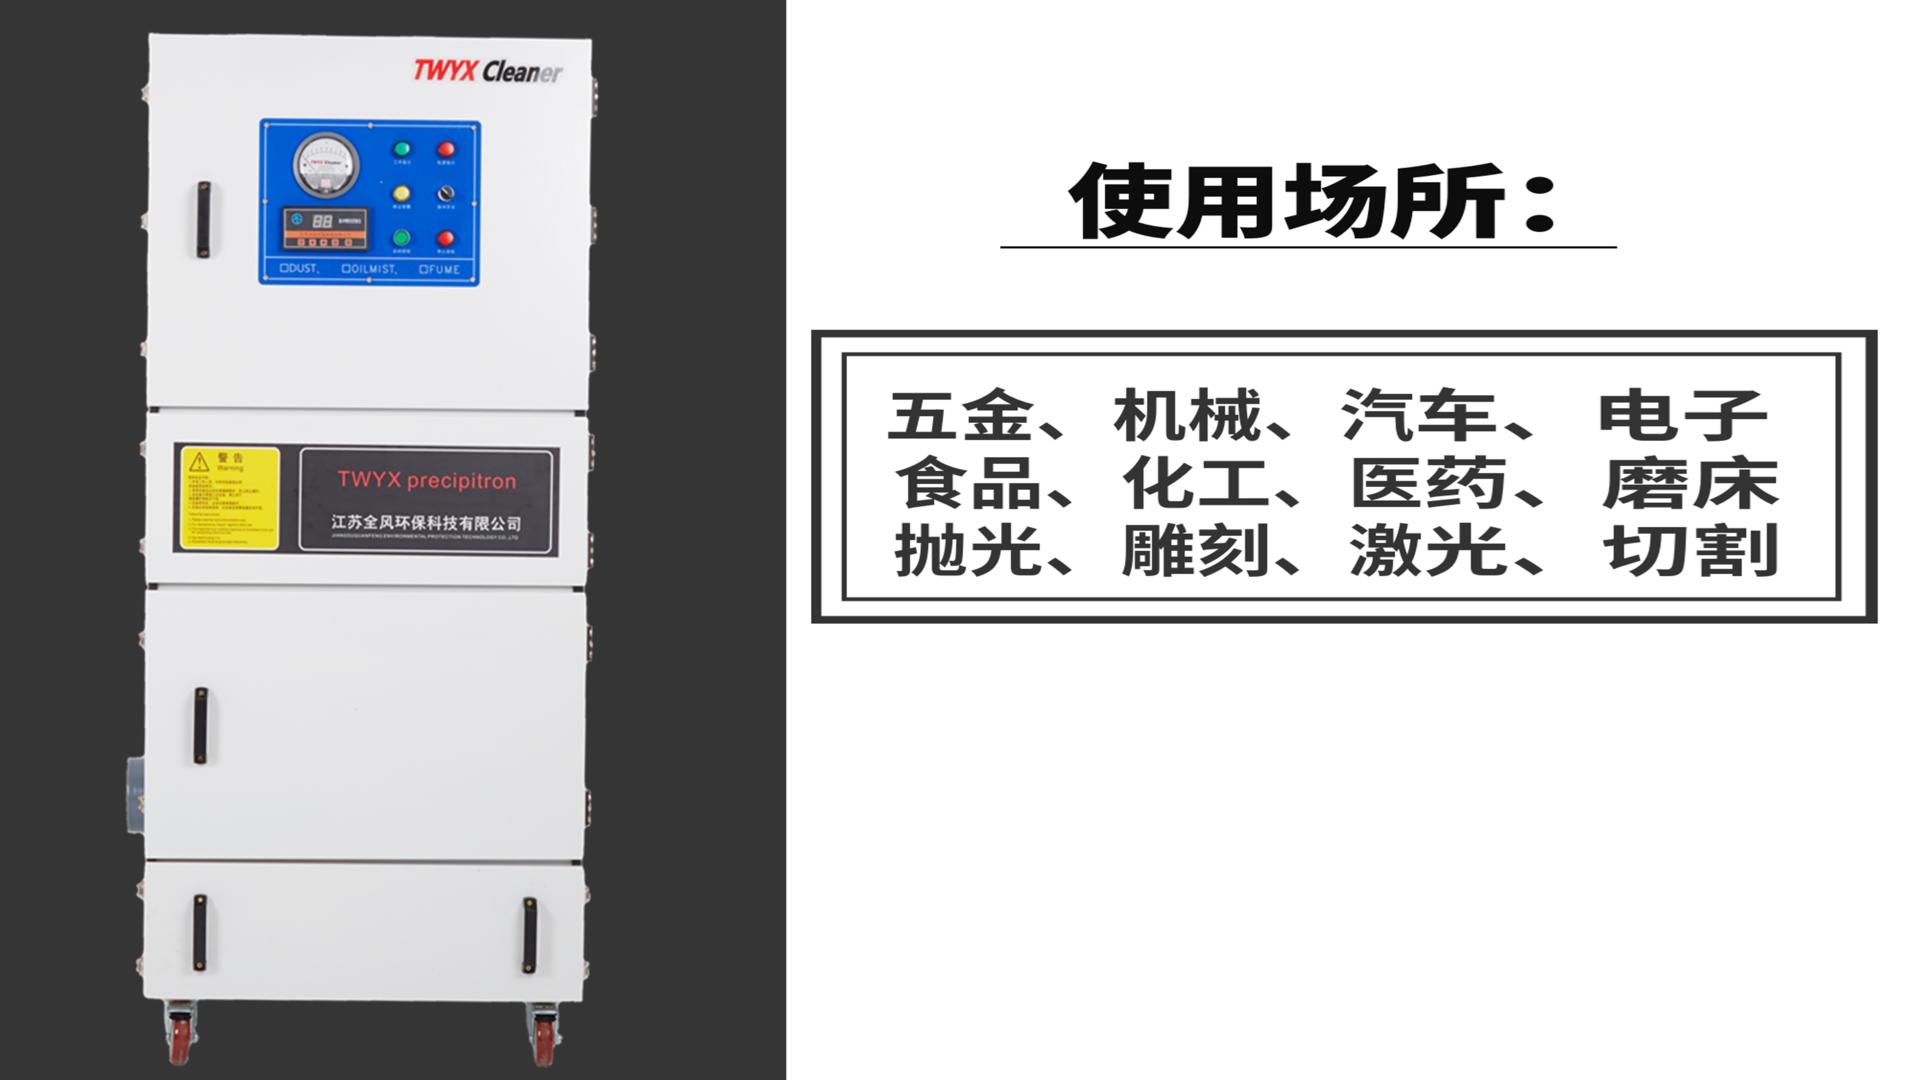 磨床打磨粉尘集尘器 5.5KW打磨移动柜式工业吸尘器 工业磨床打磨抛光专用集尘器示例图5